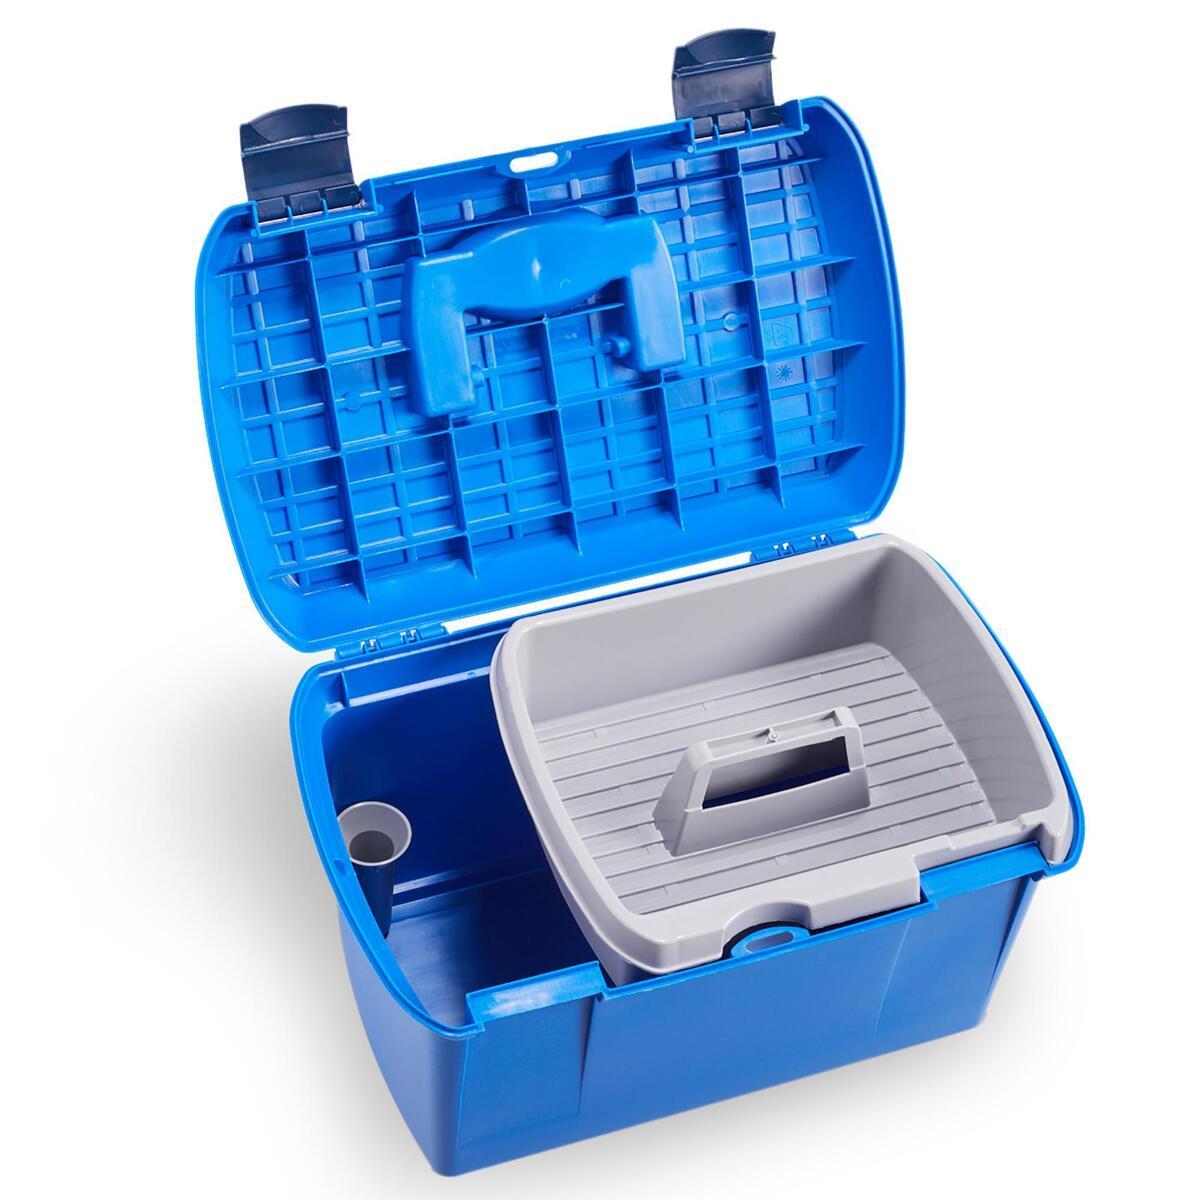 Bild 4 von Putzkasten 500 Reiten electric blue/marineblau